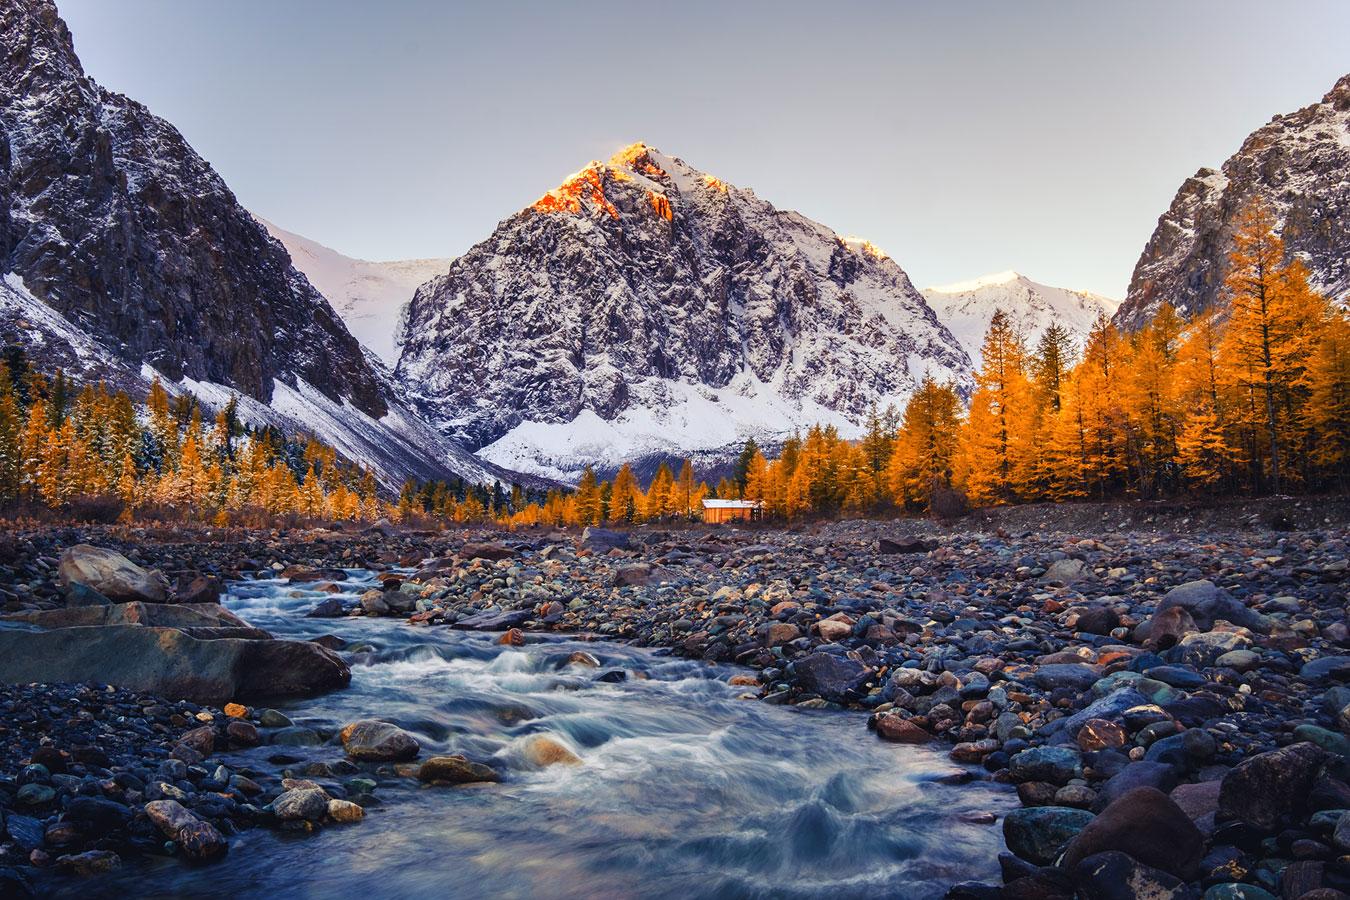 Алтай, © Igor Kopytov, 2018, Фотоконкурс «О высоком» от National Geographic Россия